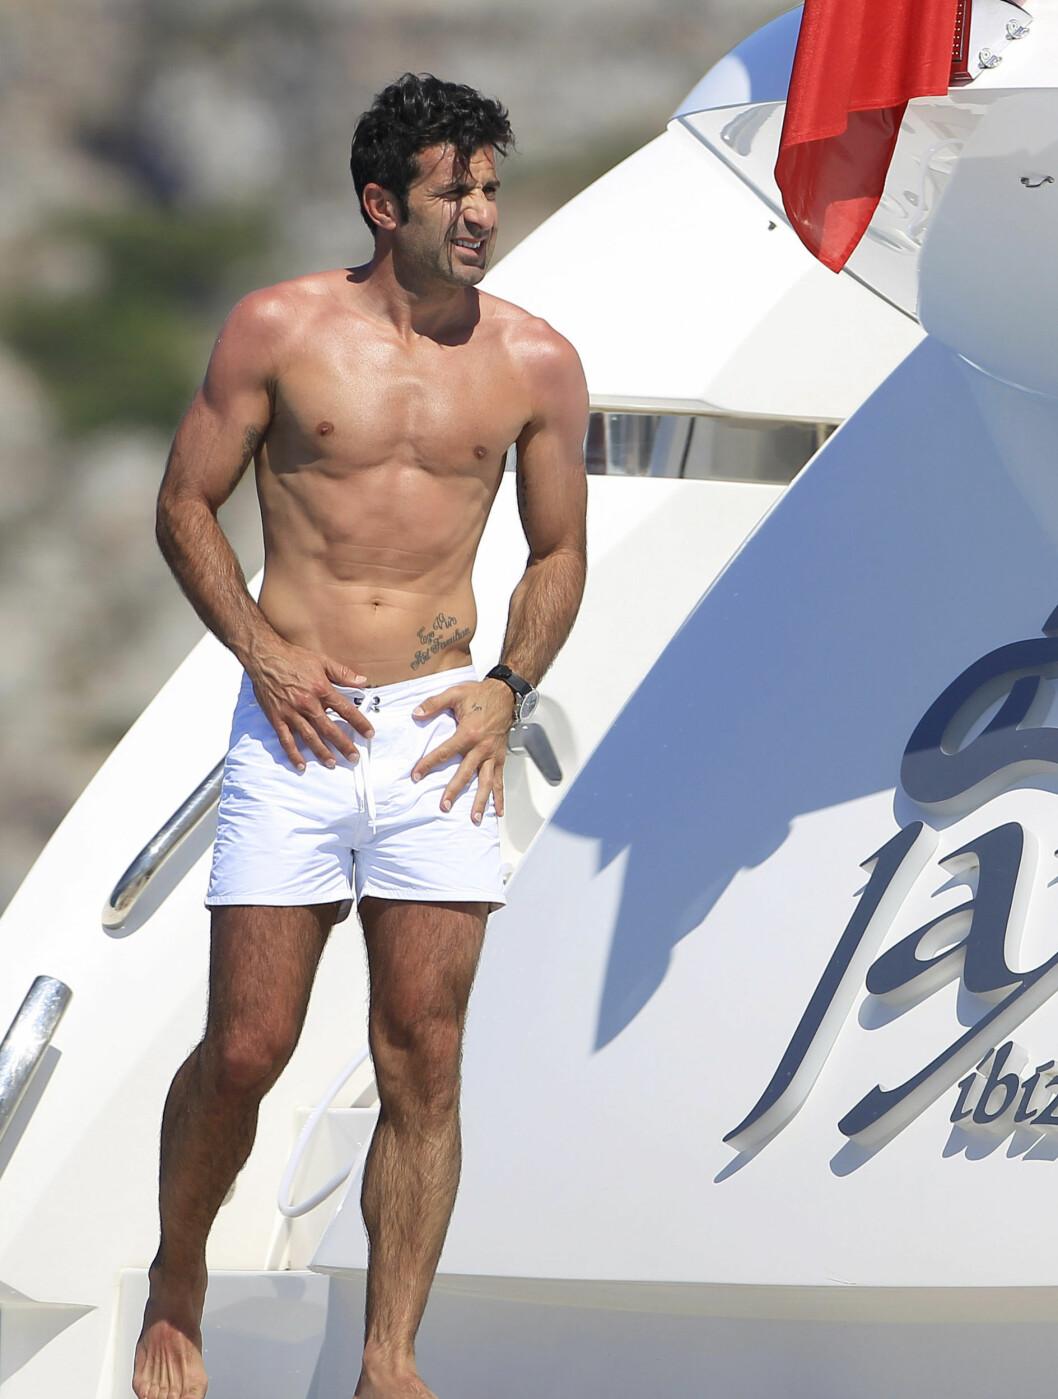 <strong>FORTSATT SPREK:</strong> Luis Figo la opp som fotballspiller i 2009, men har beholdt sin veltrente kropp.  Foto: FameFlynet